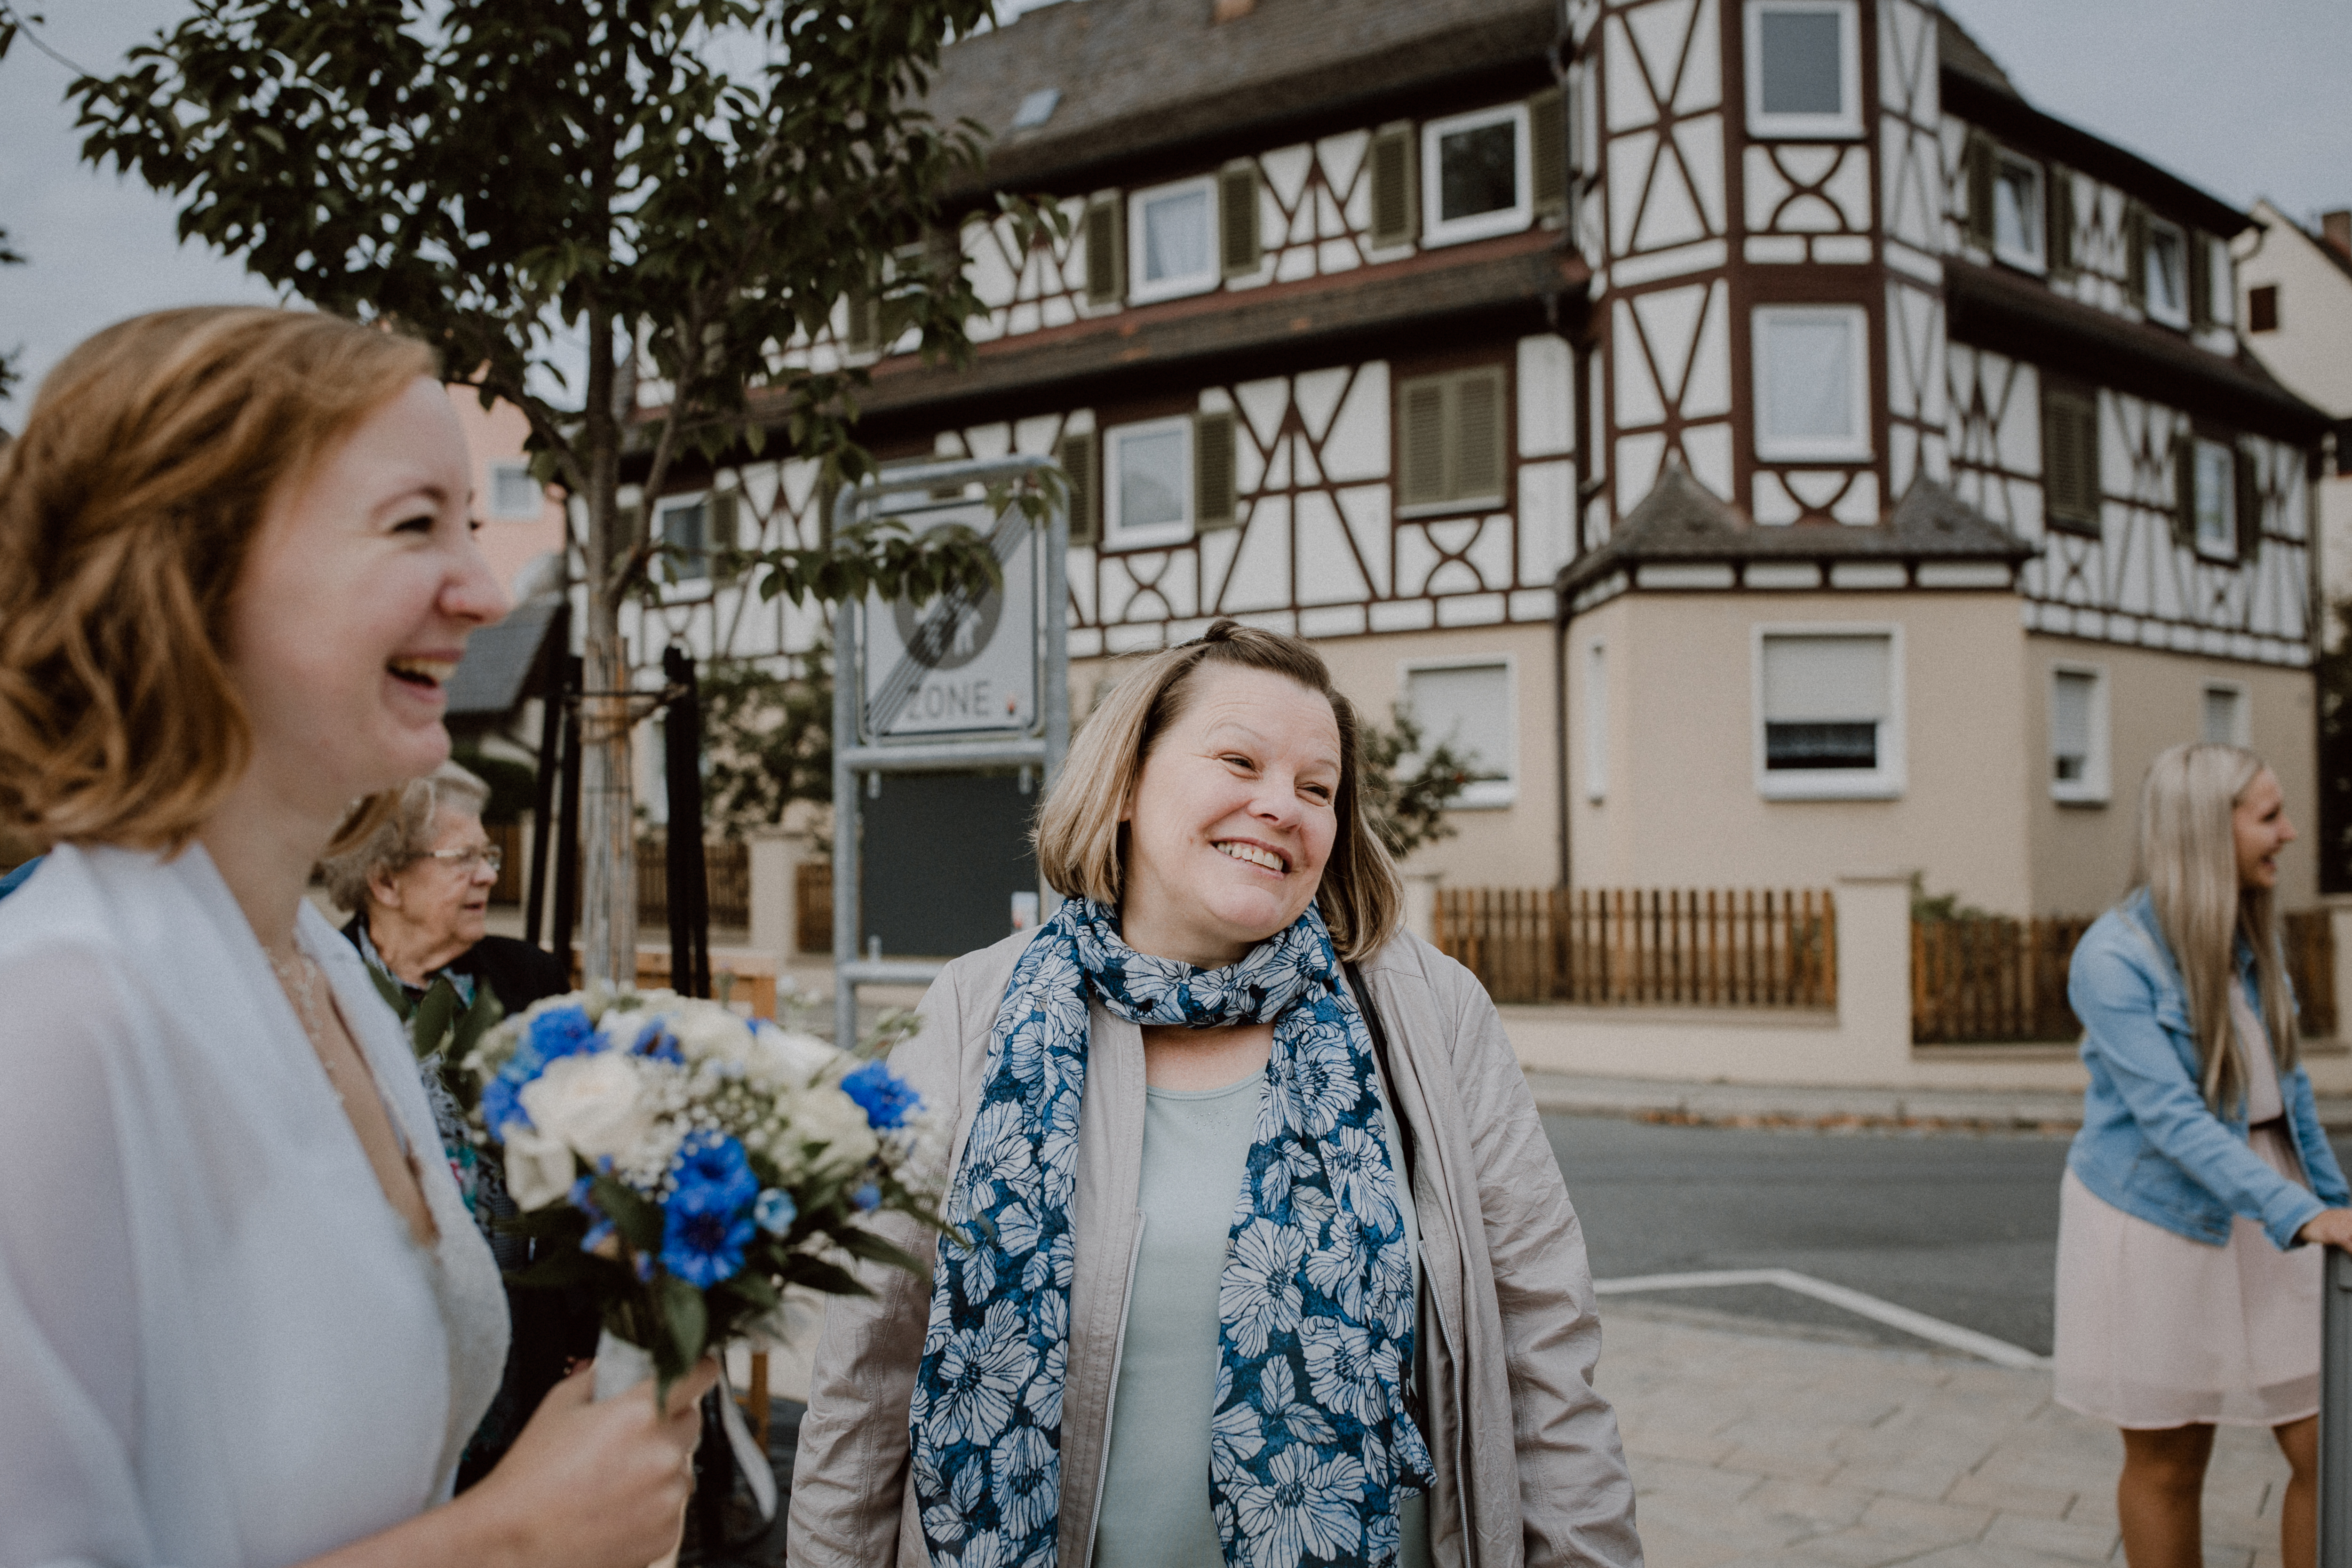 URBANERIE_Daniela_Goth_Hochzeitsfotografin_Nürnberg_Fürth_Erlangen_Schwabach_17907_0211